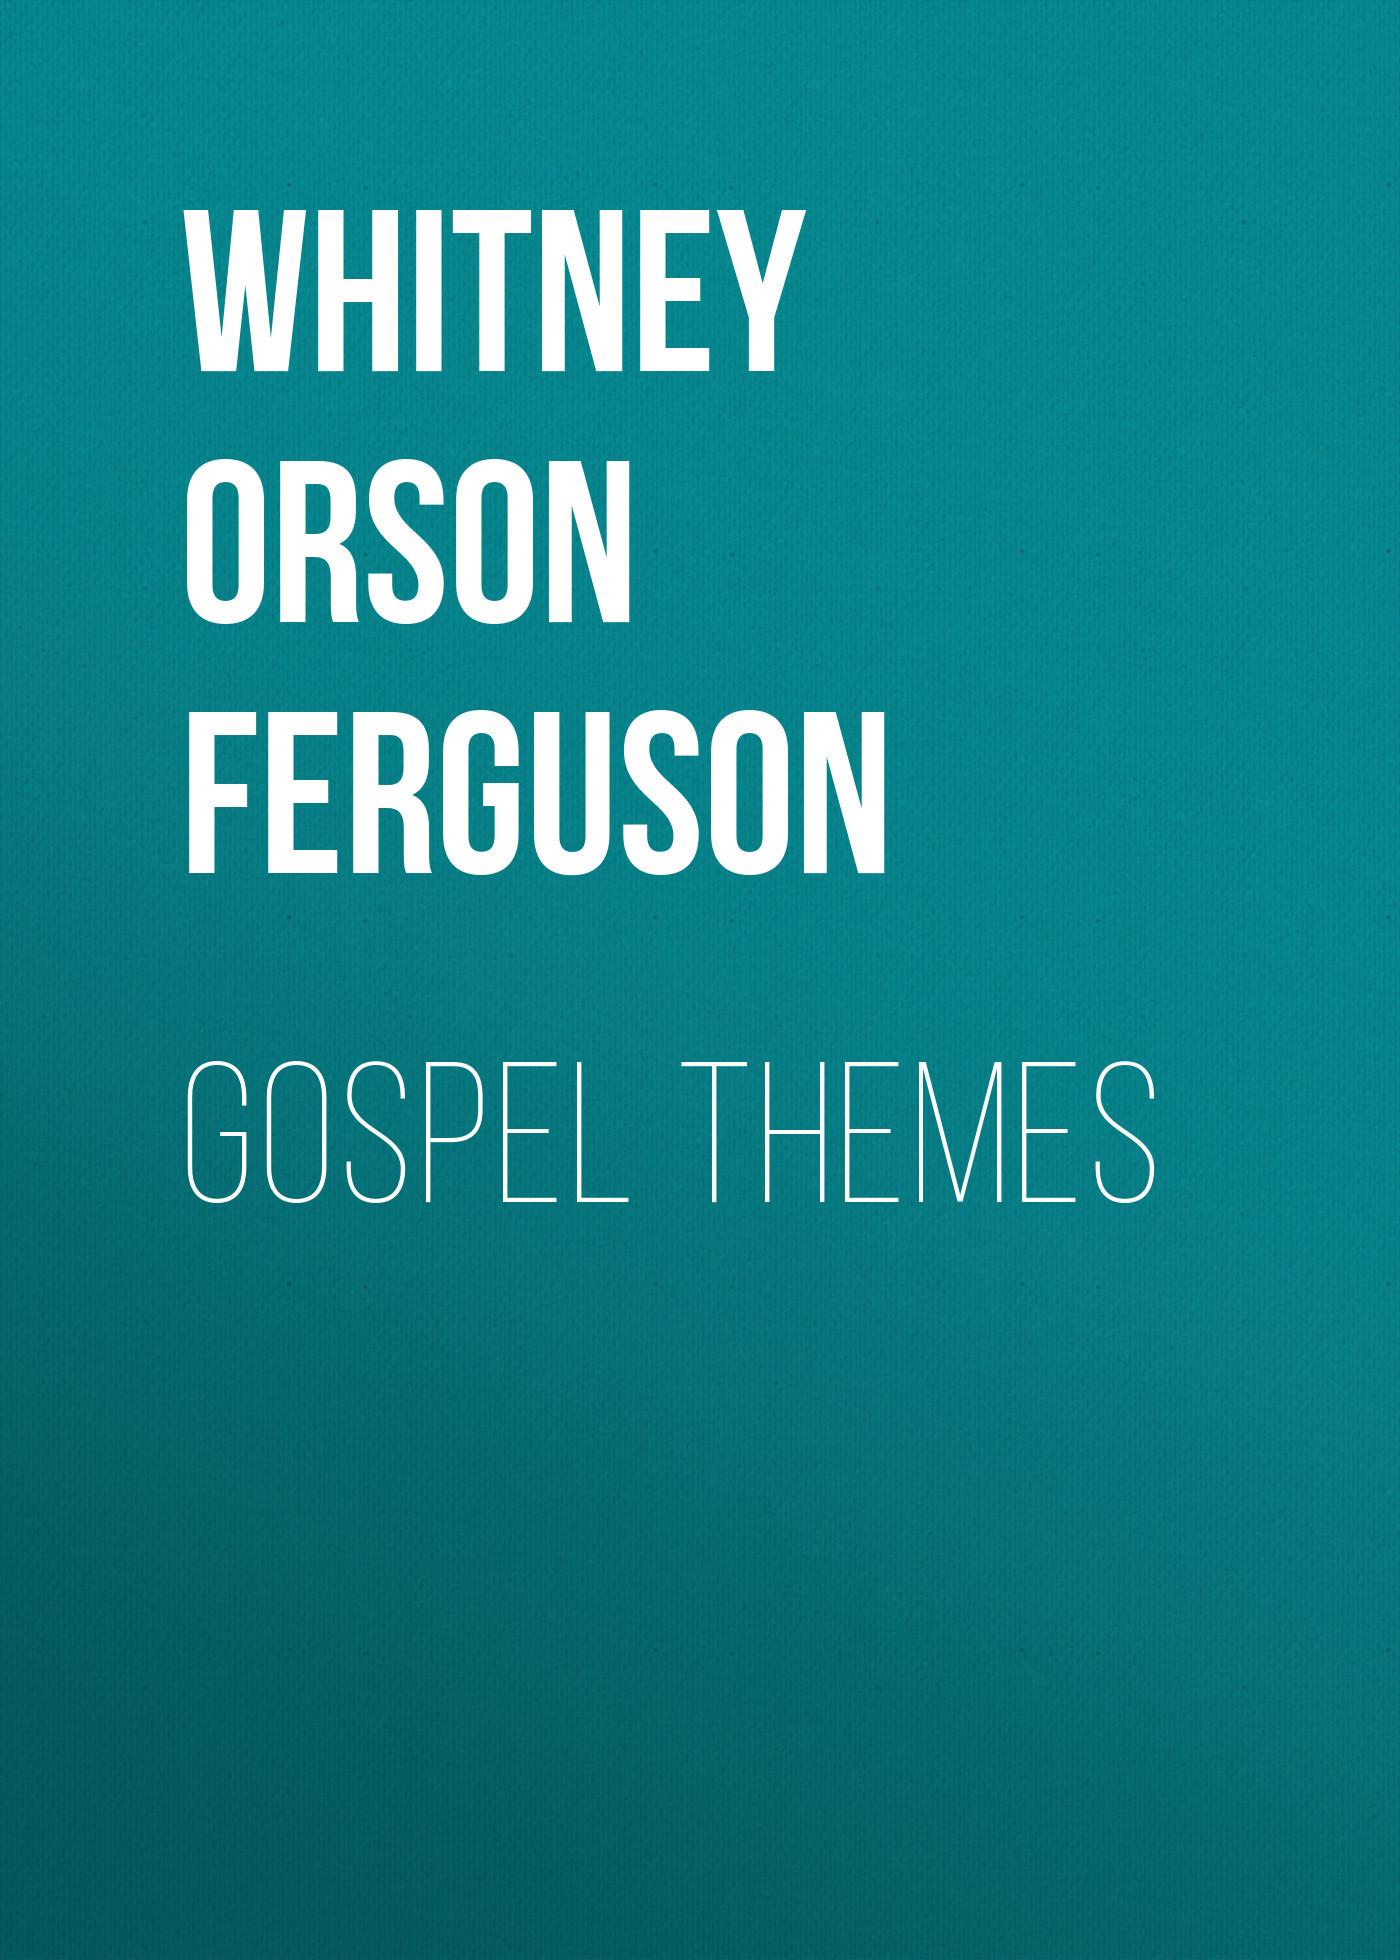 Whitney Orson Ferguson Gospel Themes themes